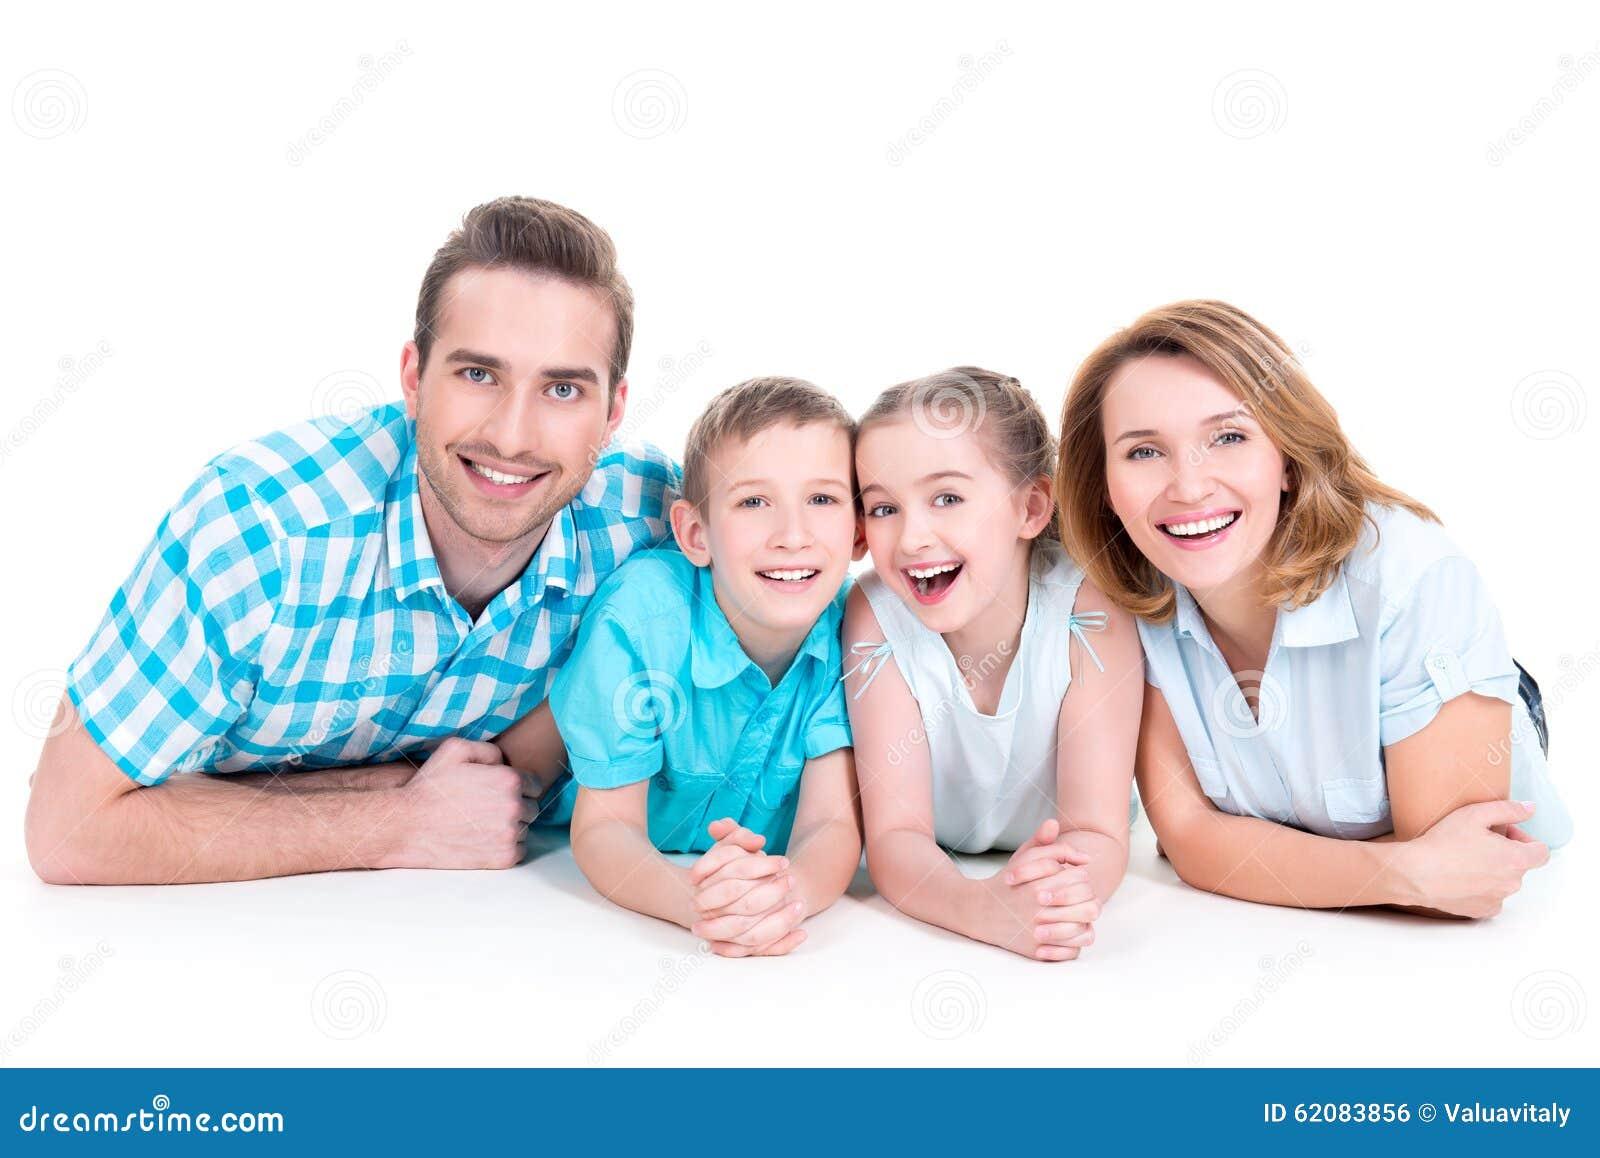 Familia joven sonriente feliz caucásica con dos niños